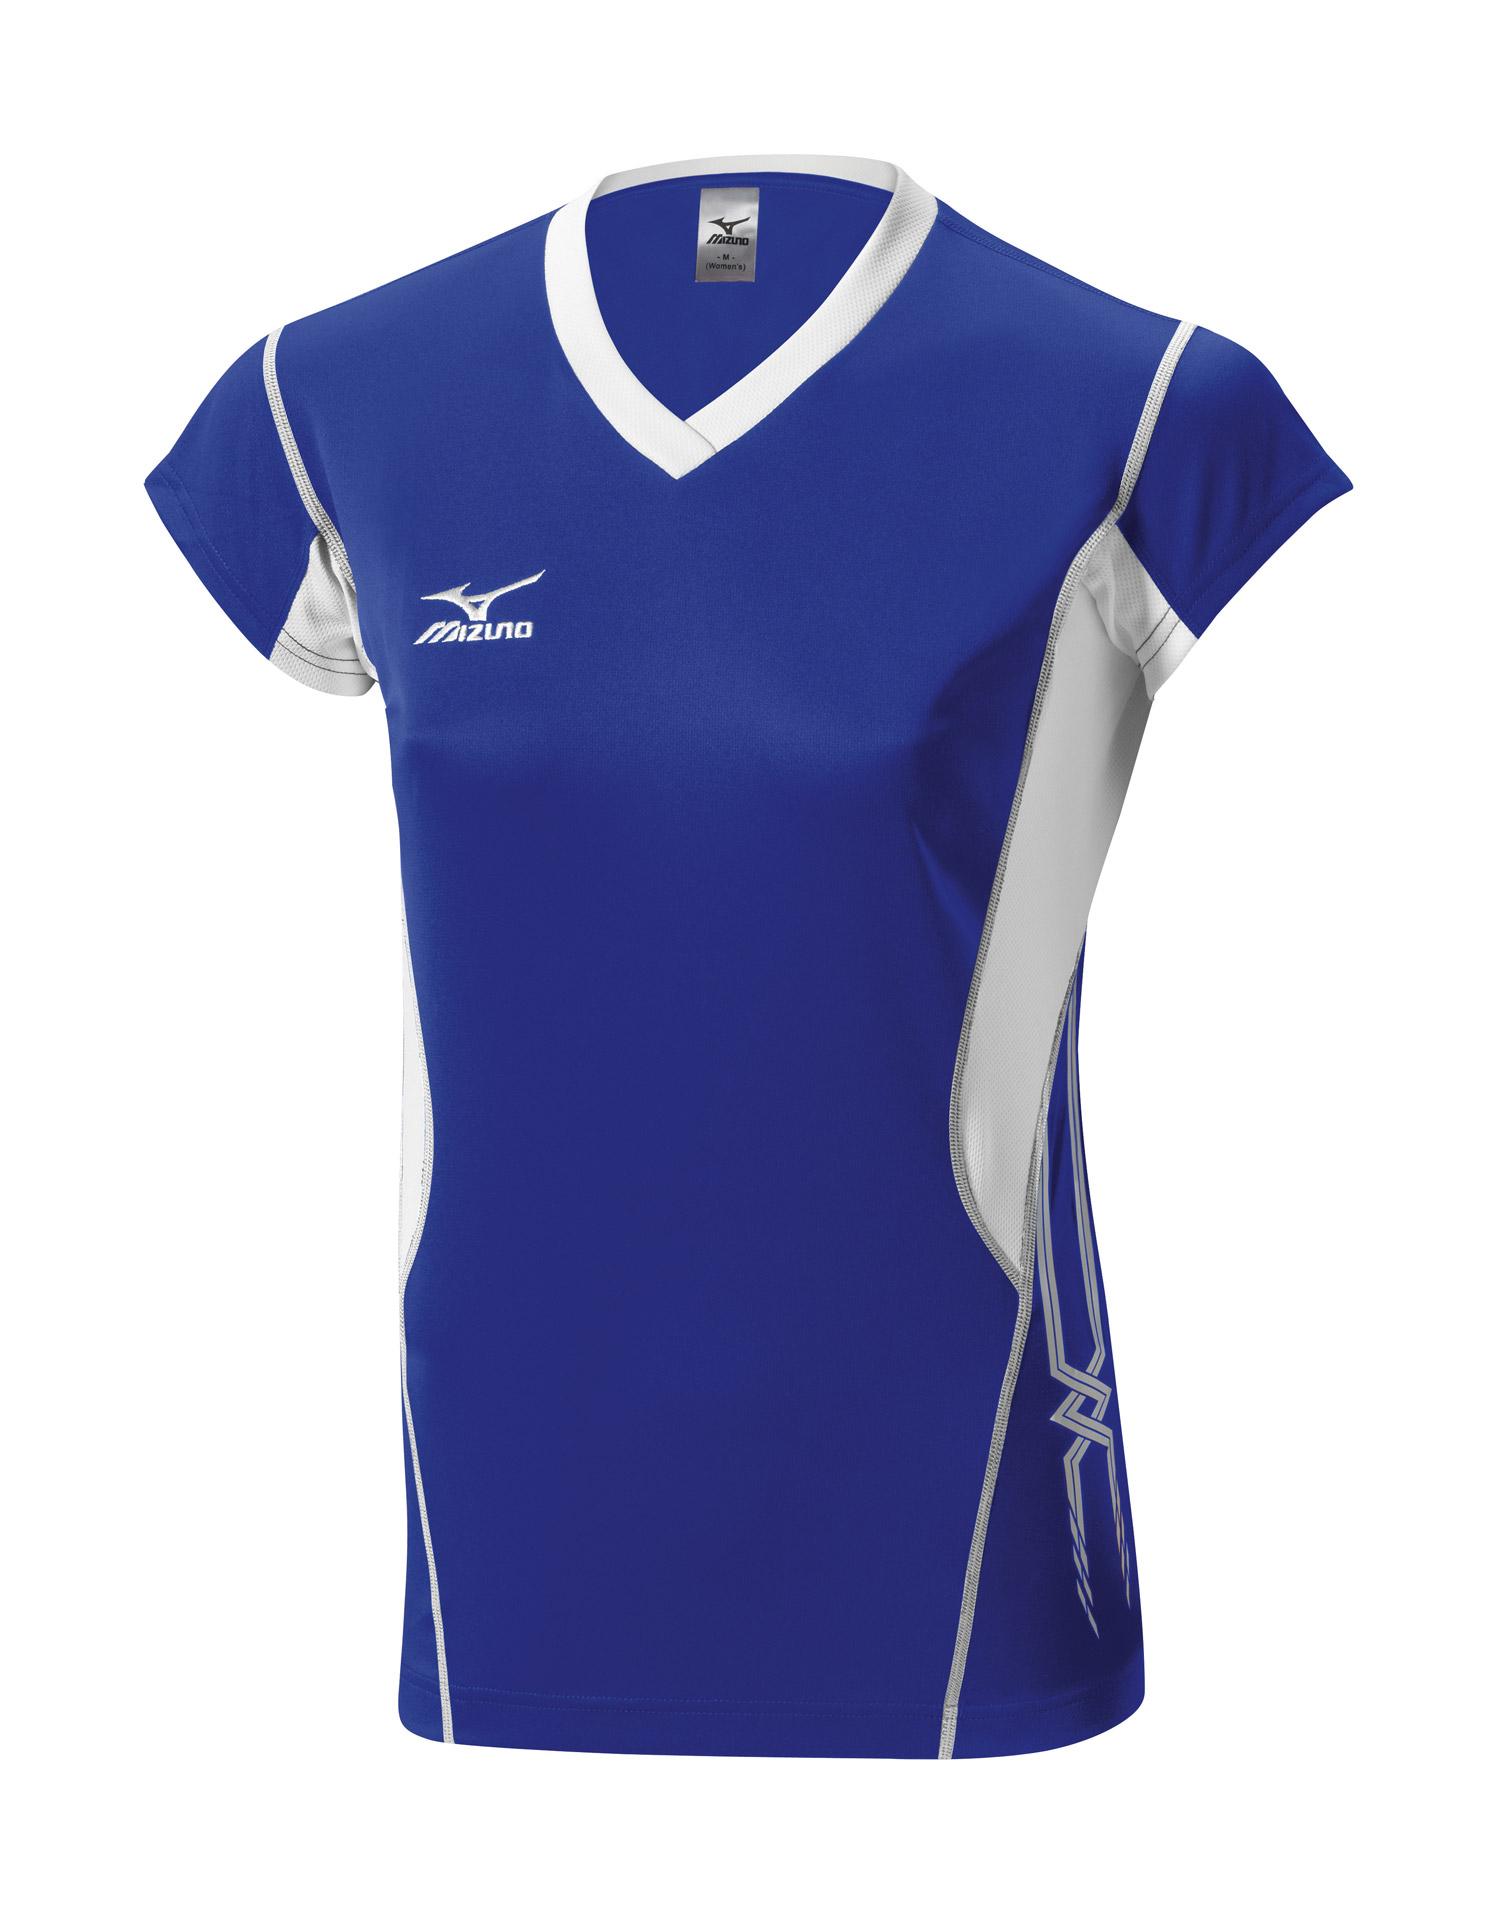 b84e3057f96 Dámské volejbalové oblečení Mizuno